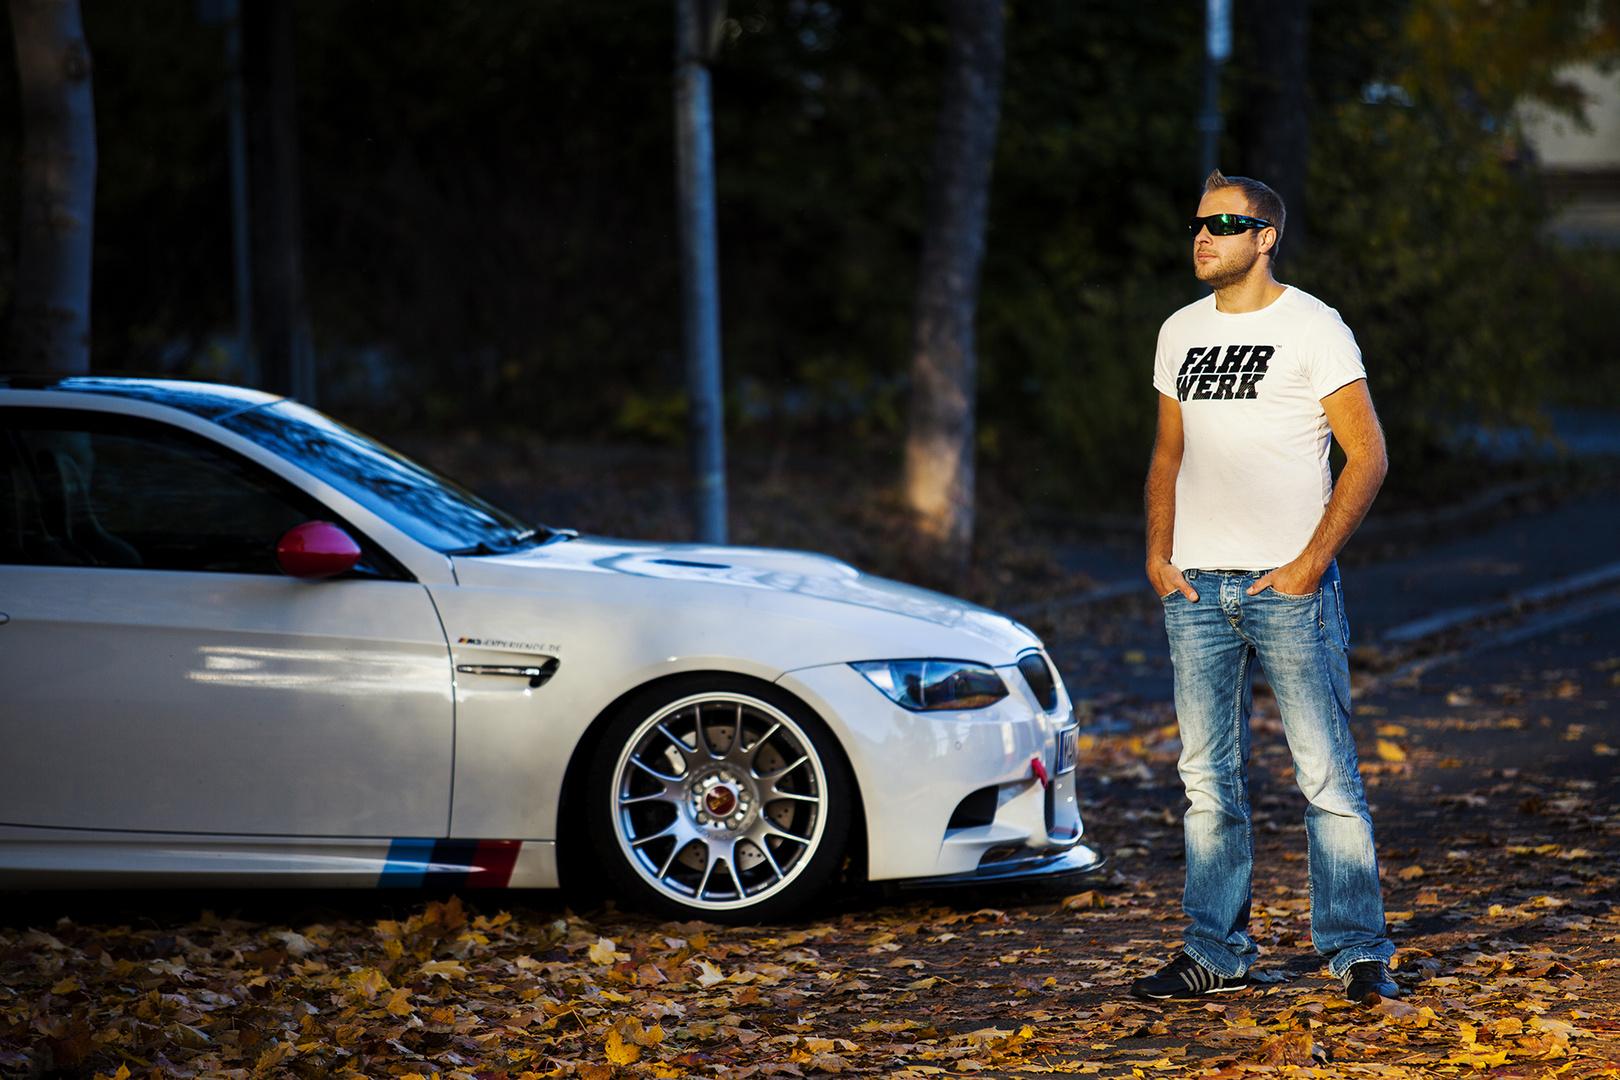 Fahrwerk T-Shirt und BMW E92 M3